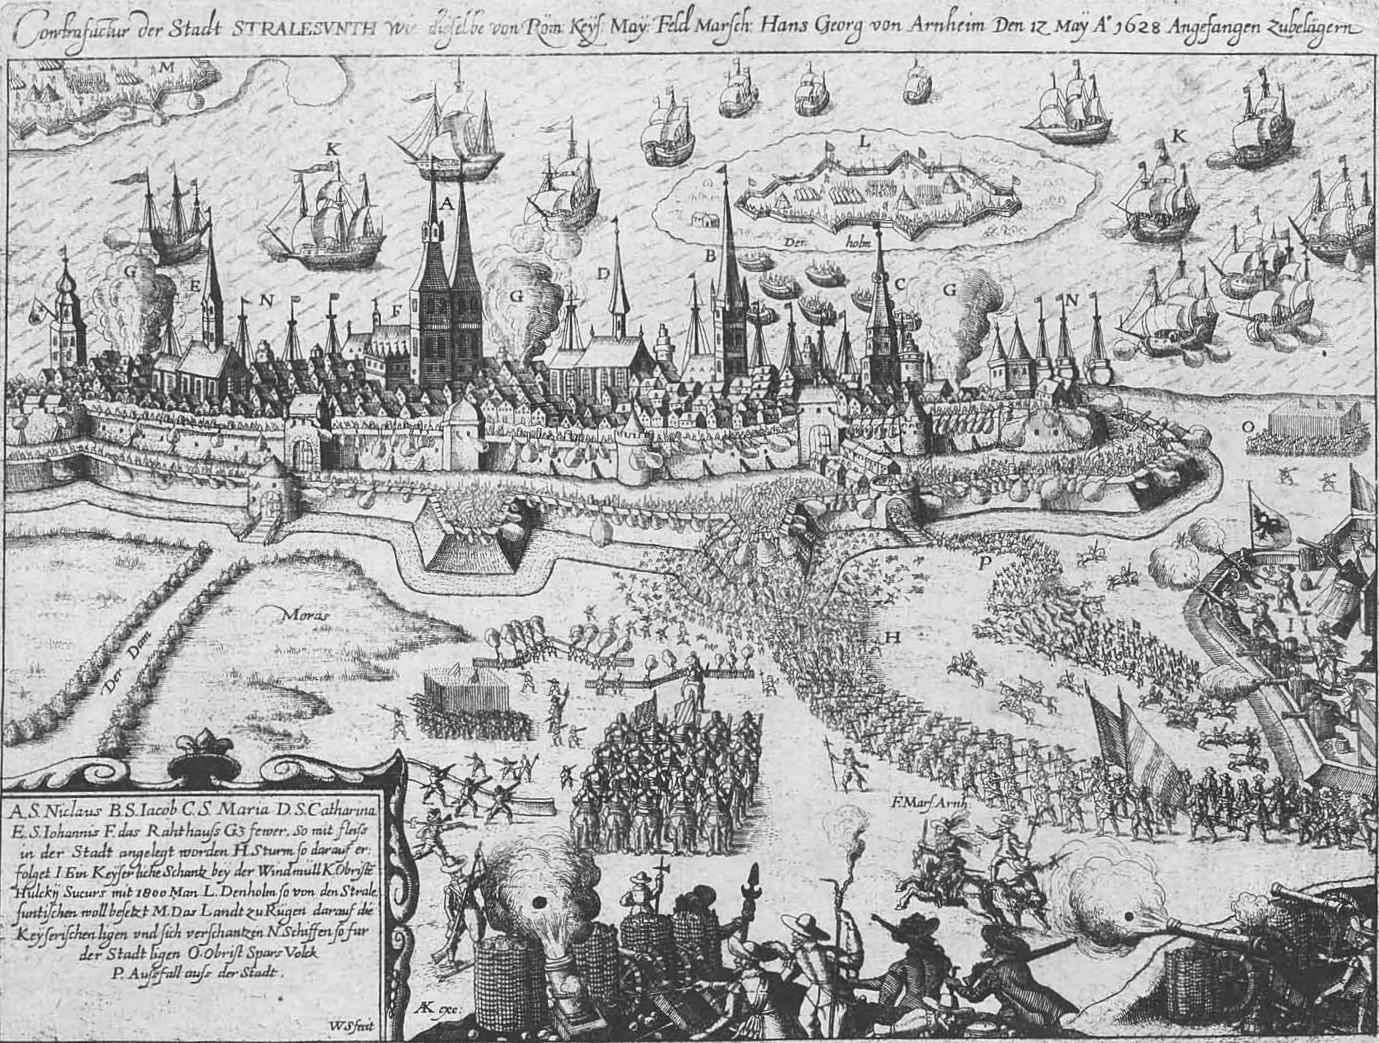 Historische Abbildung der Belagerung Stralsunds durch Wallenstein.